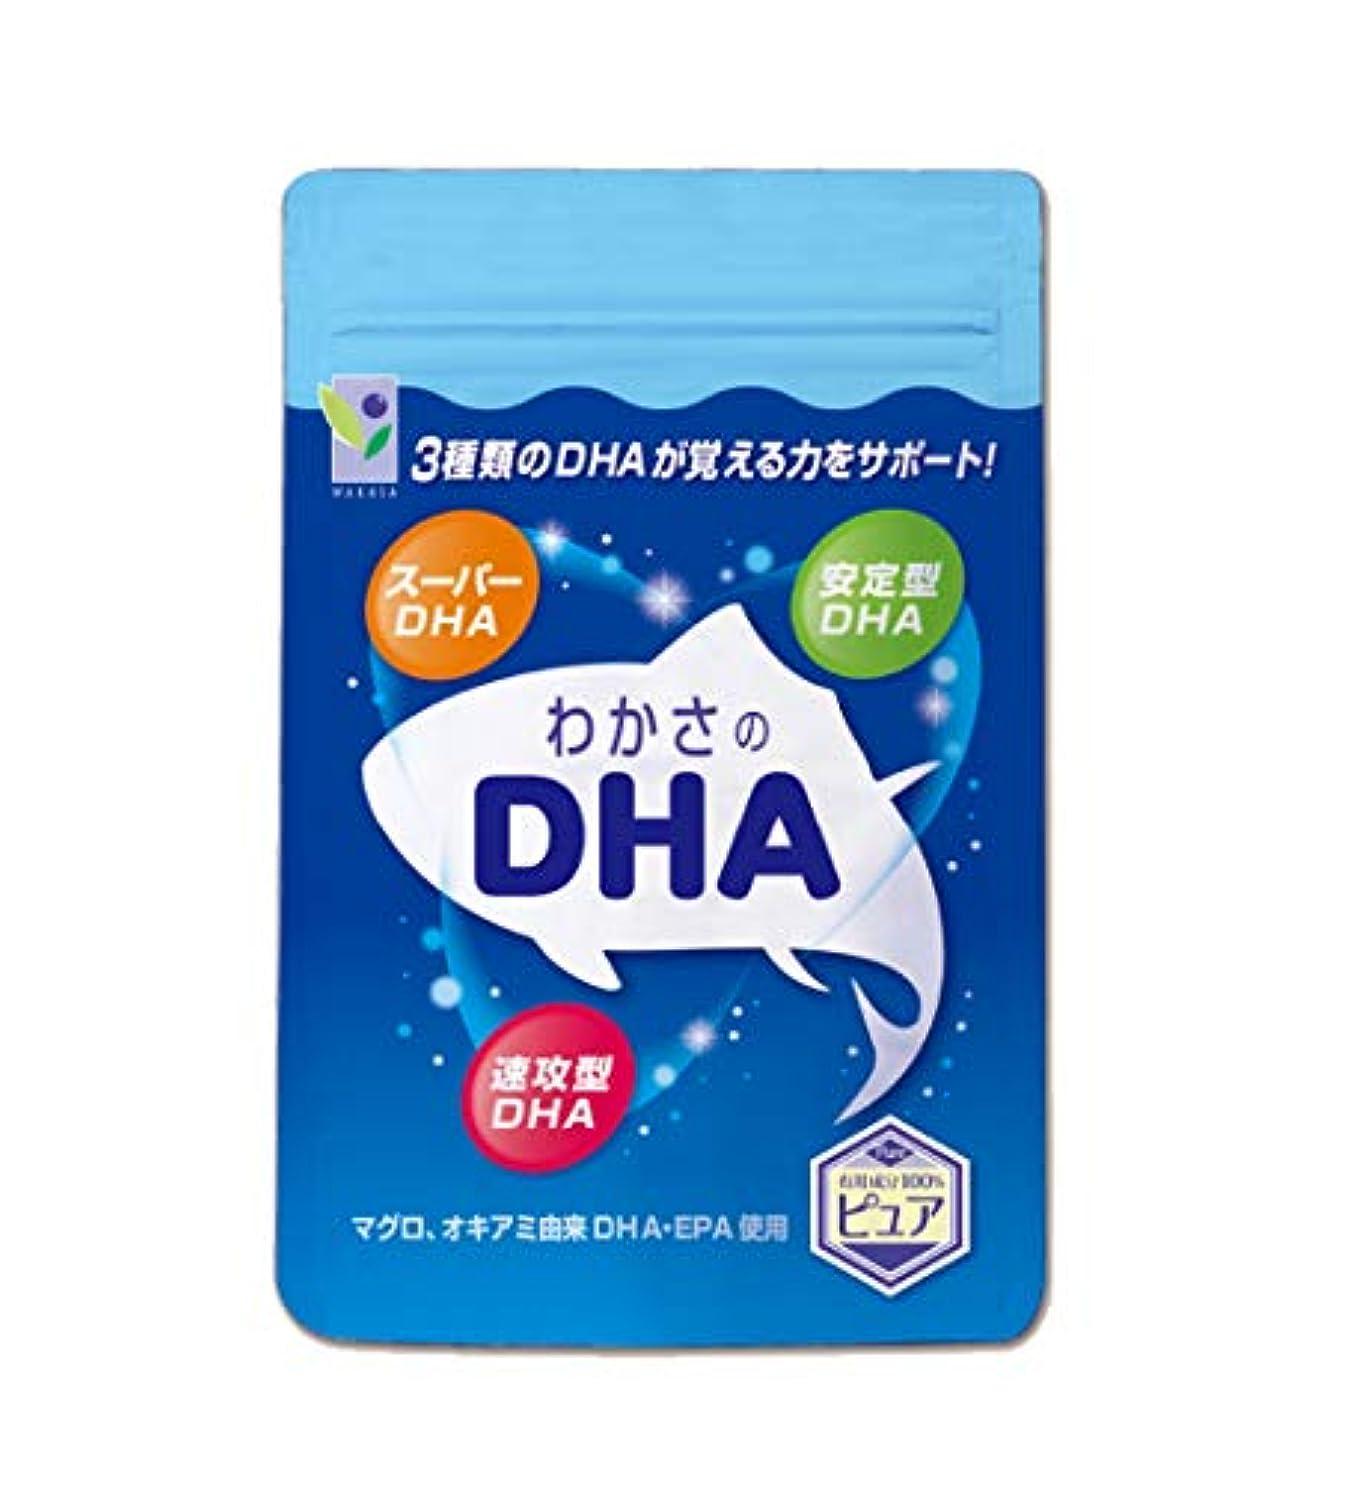 ローブ借りている同行わかさ生活『わかさのDHA』(1袋62粒入り 約1ヵ月分)(サプリメント)